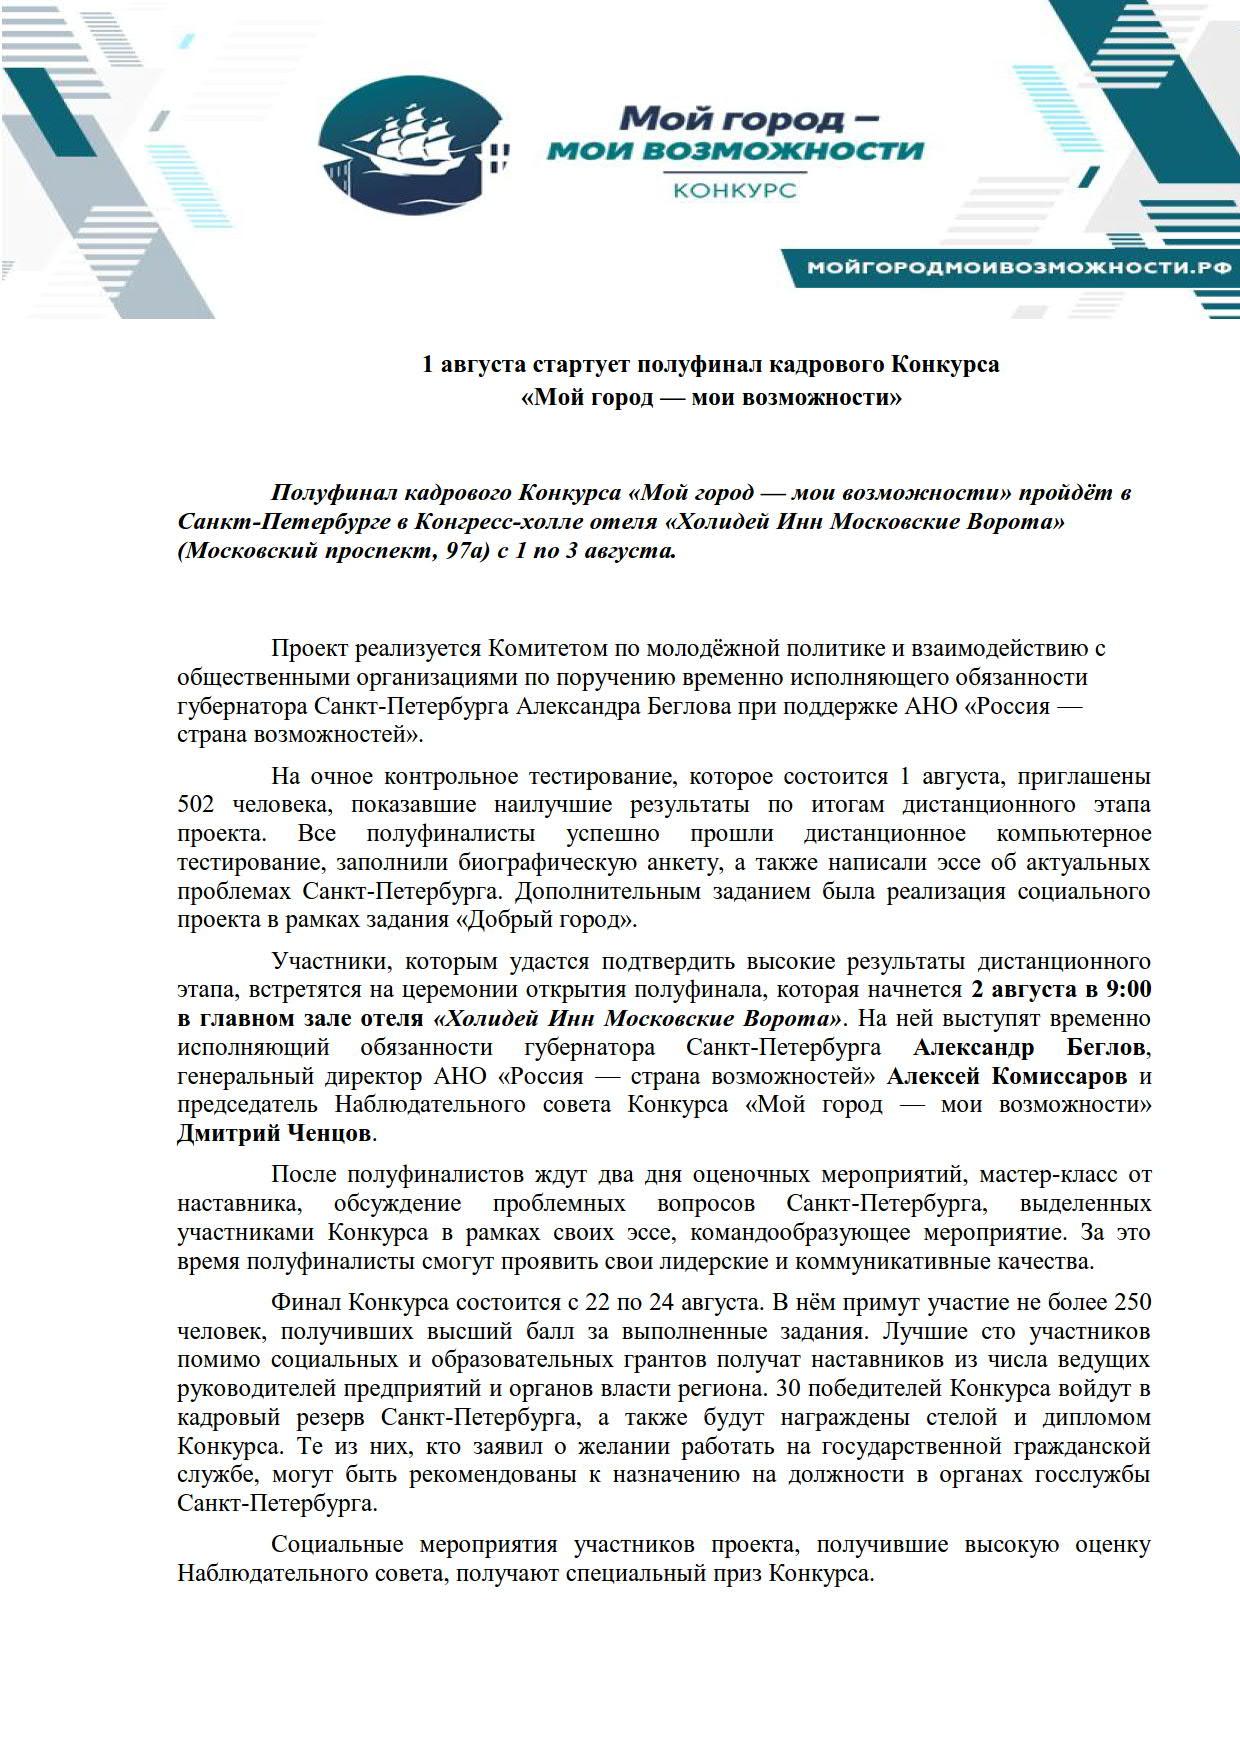 Пресс_релиз_МГМВ_полуфинал_1